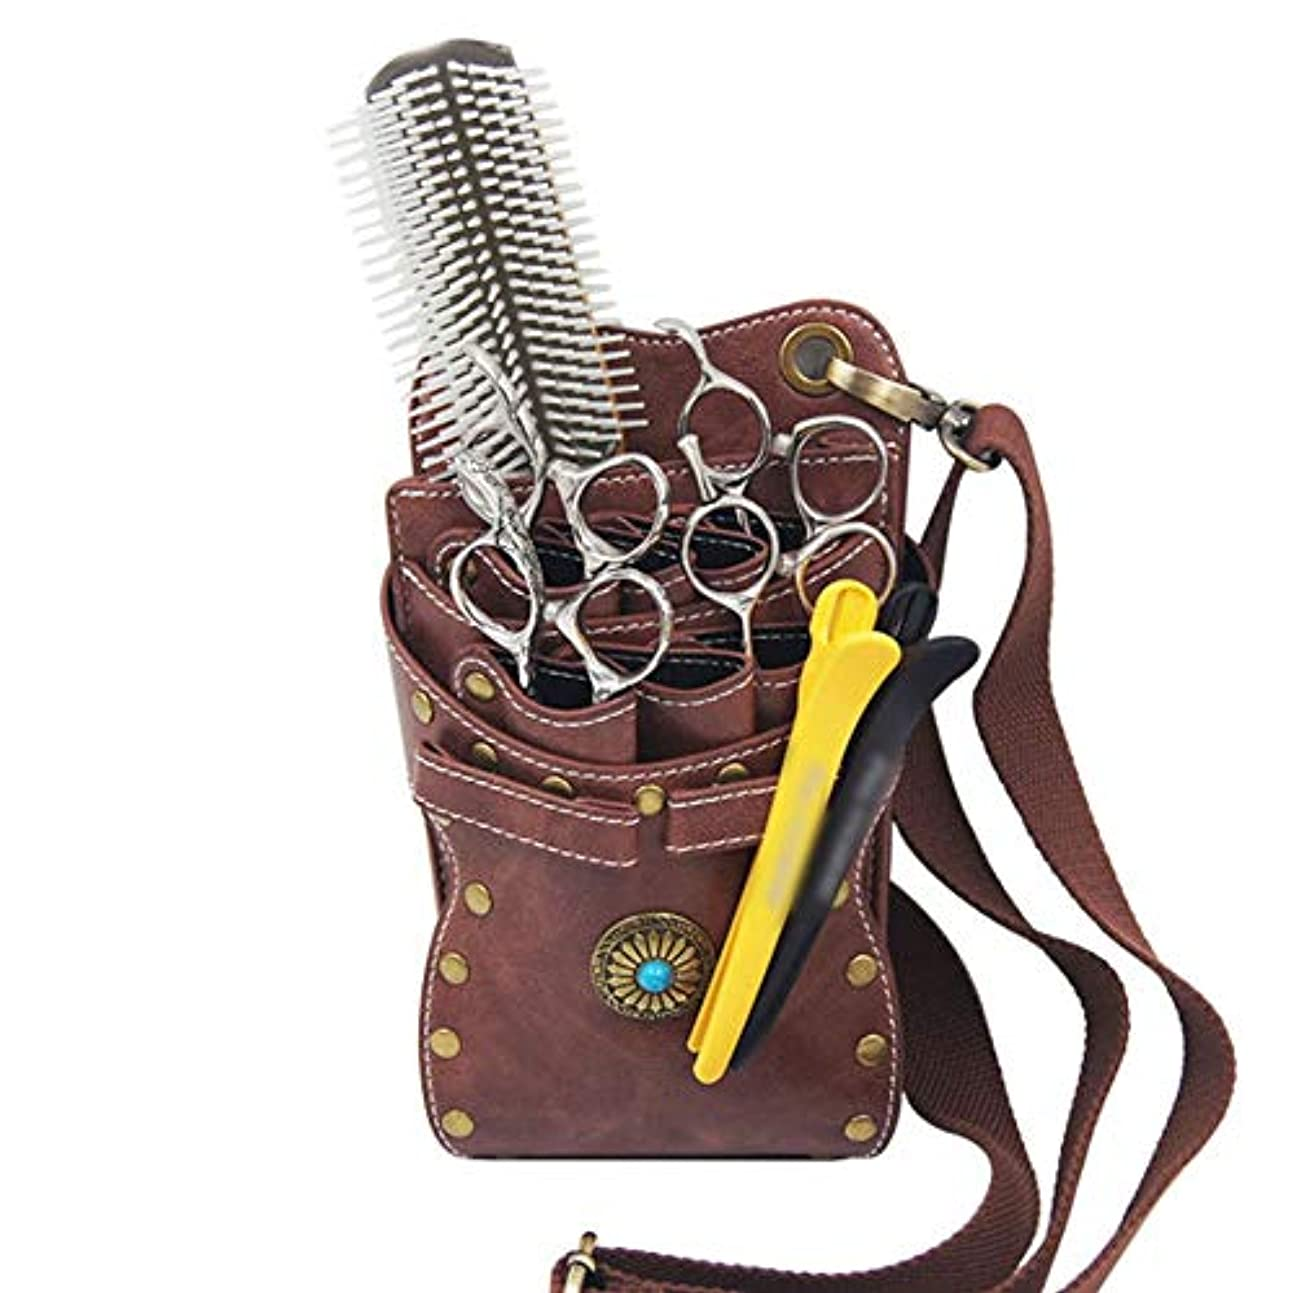 今晩損なうのホストサロンはさみケースバッグベルト美容師ツールバッグ革理髪はさみホルダー、 ヘアケア (色 : ブラウン)